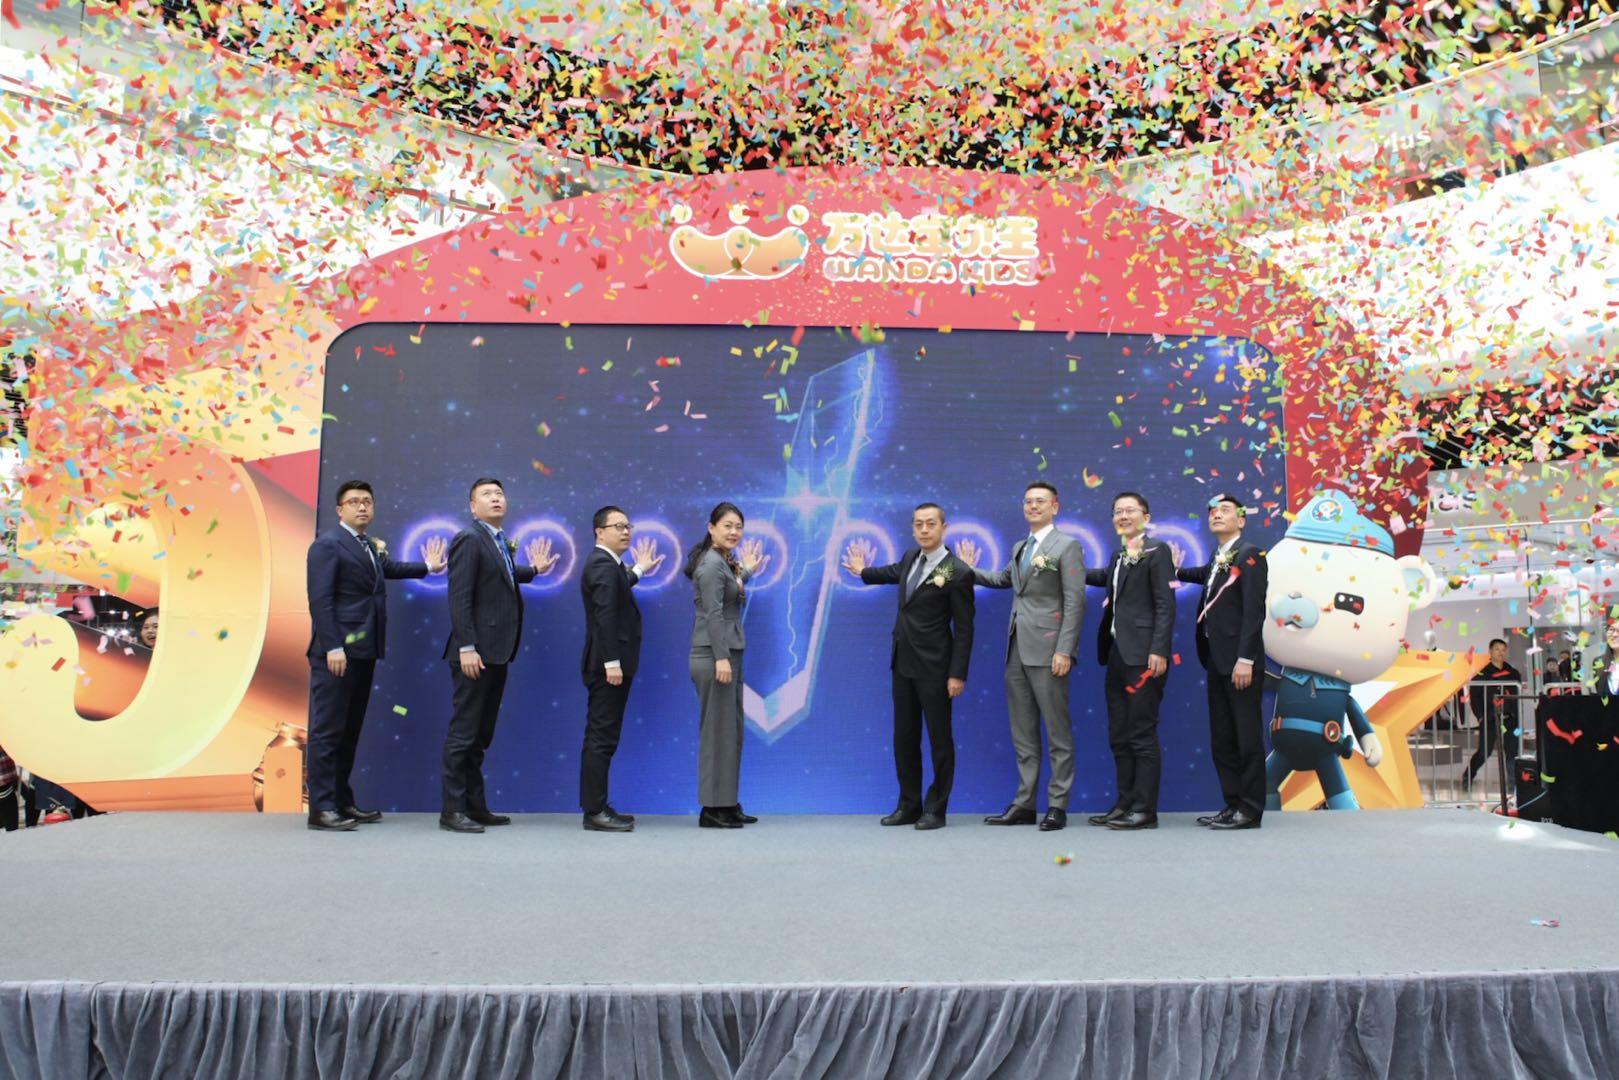 万达宝贝王全国举办五周年品牌庆典活动